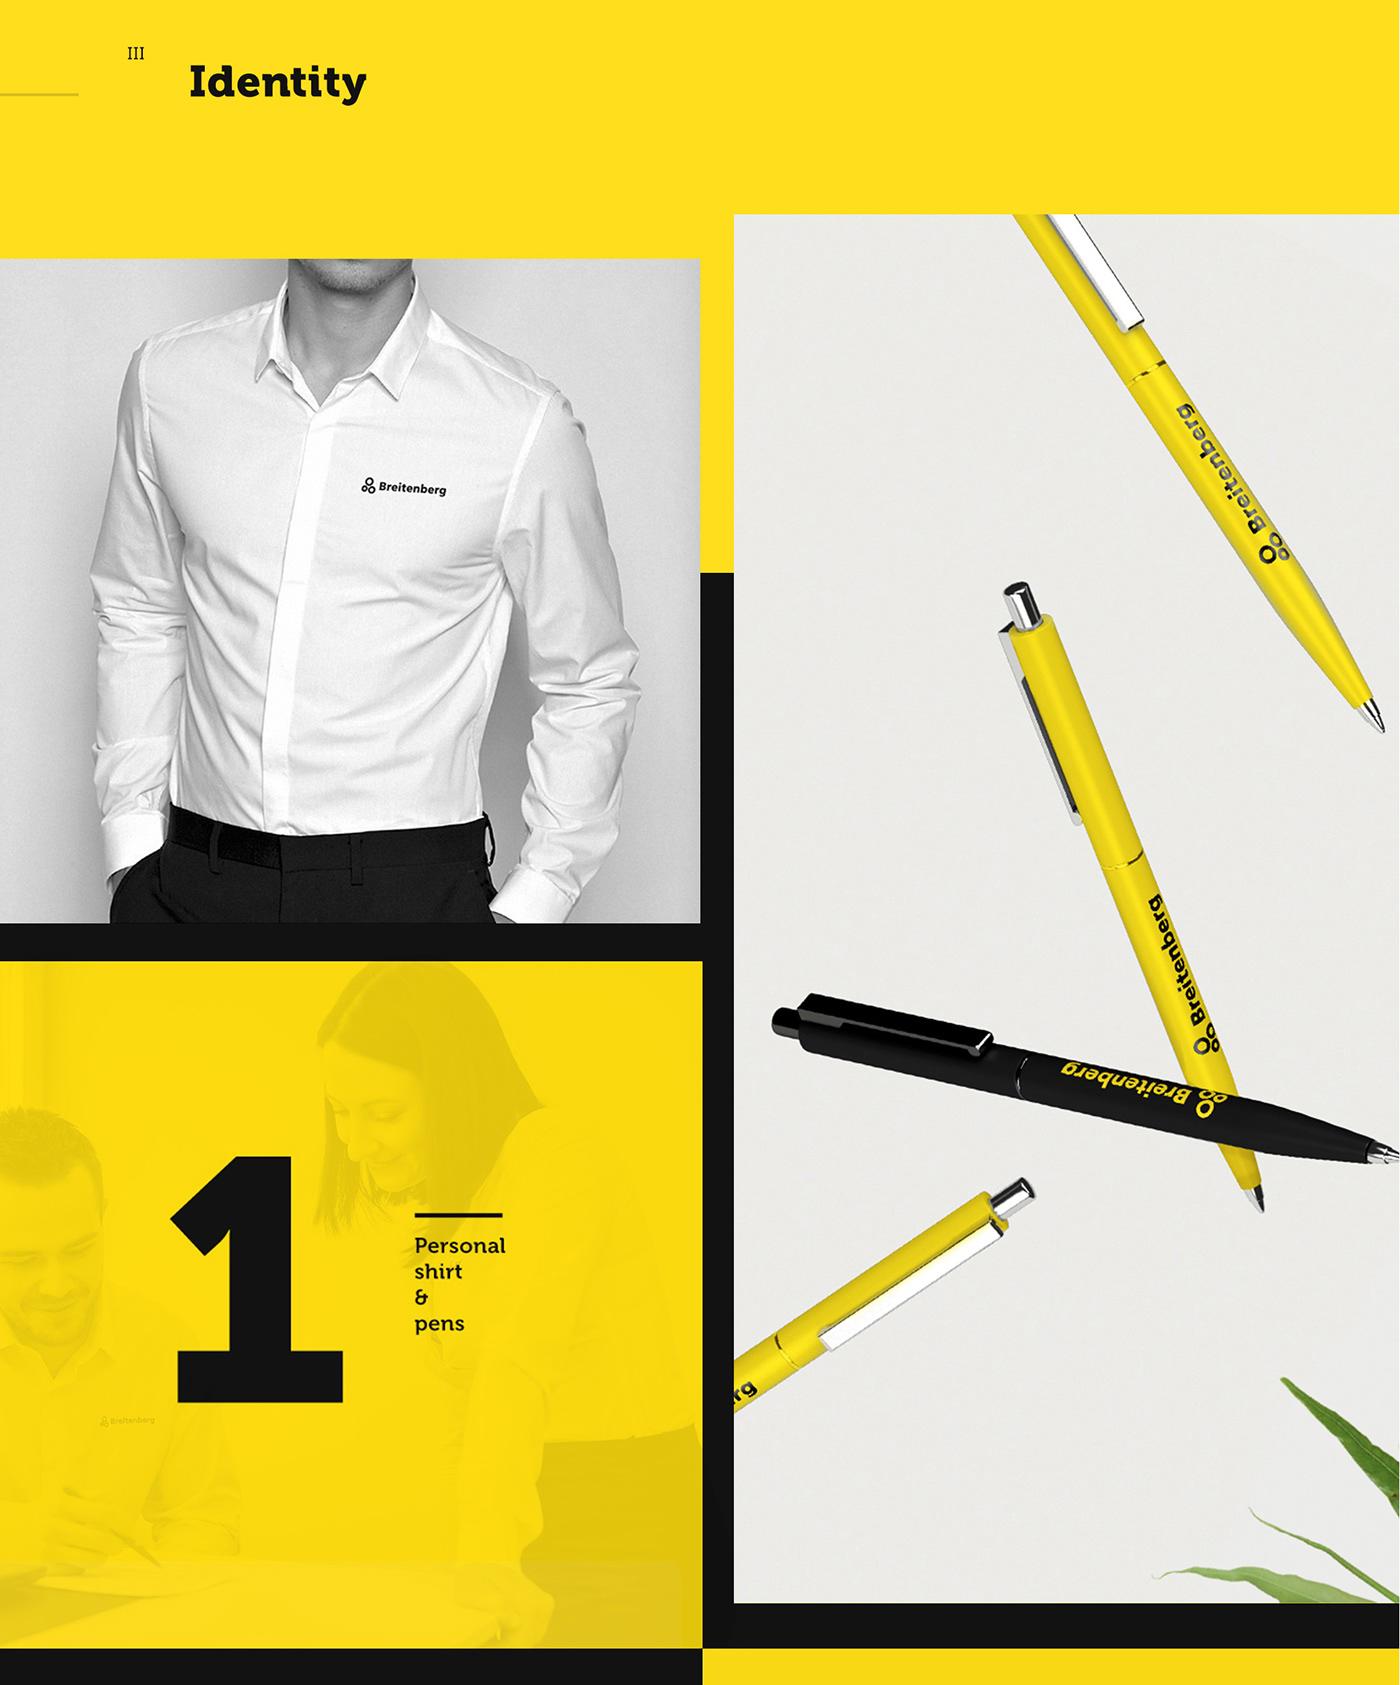 品牌图形标识设计方案 -brand-3